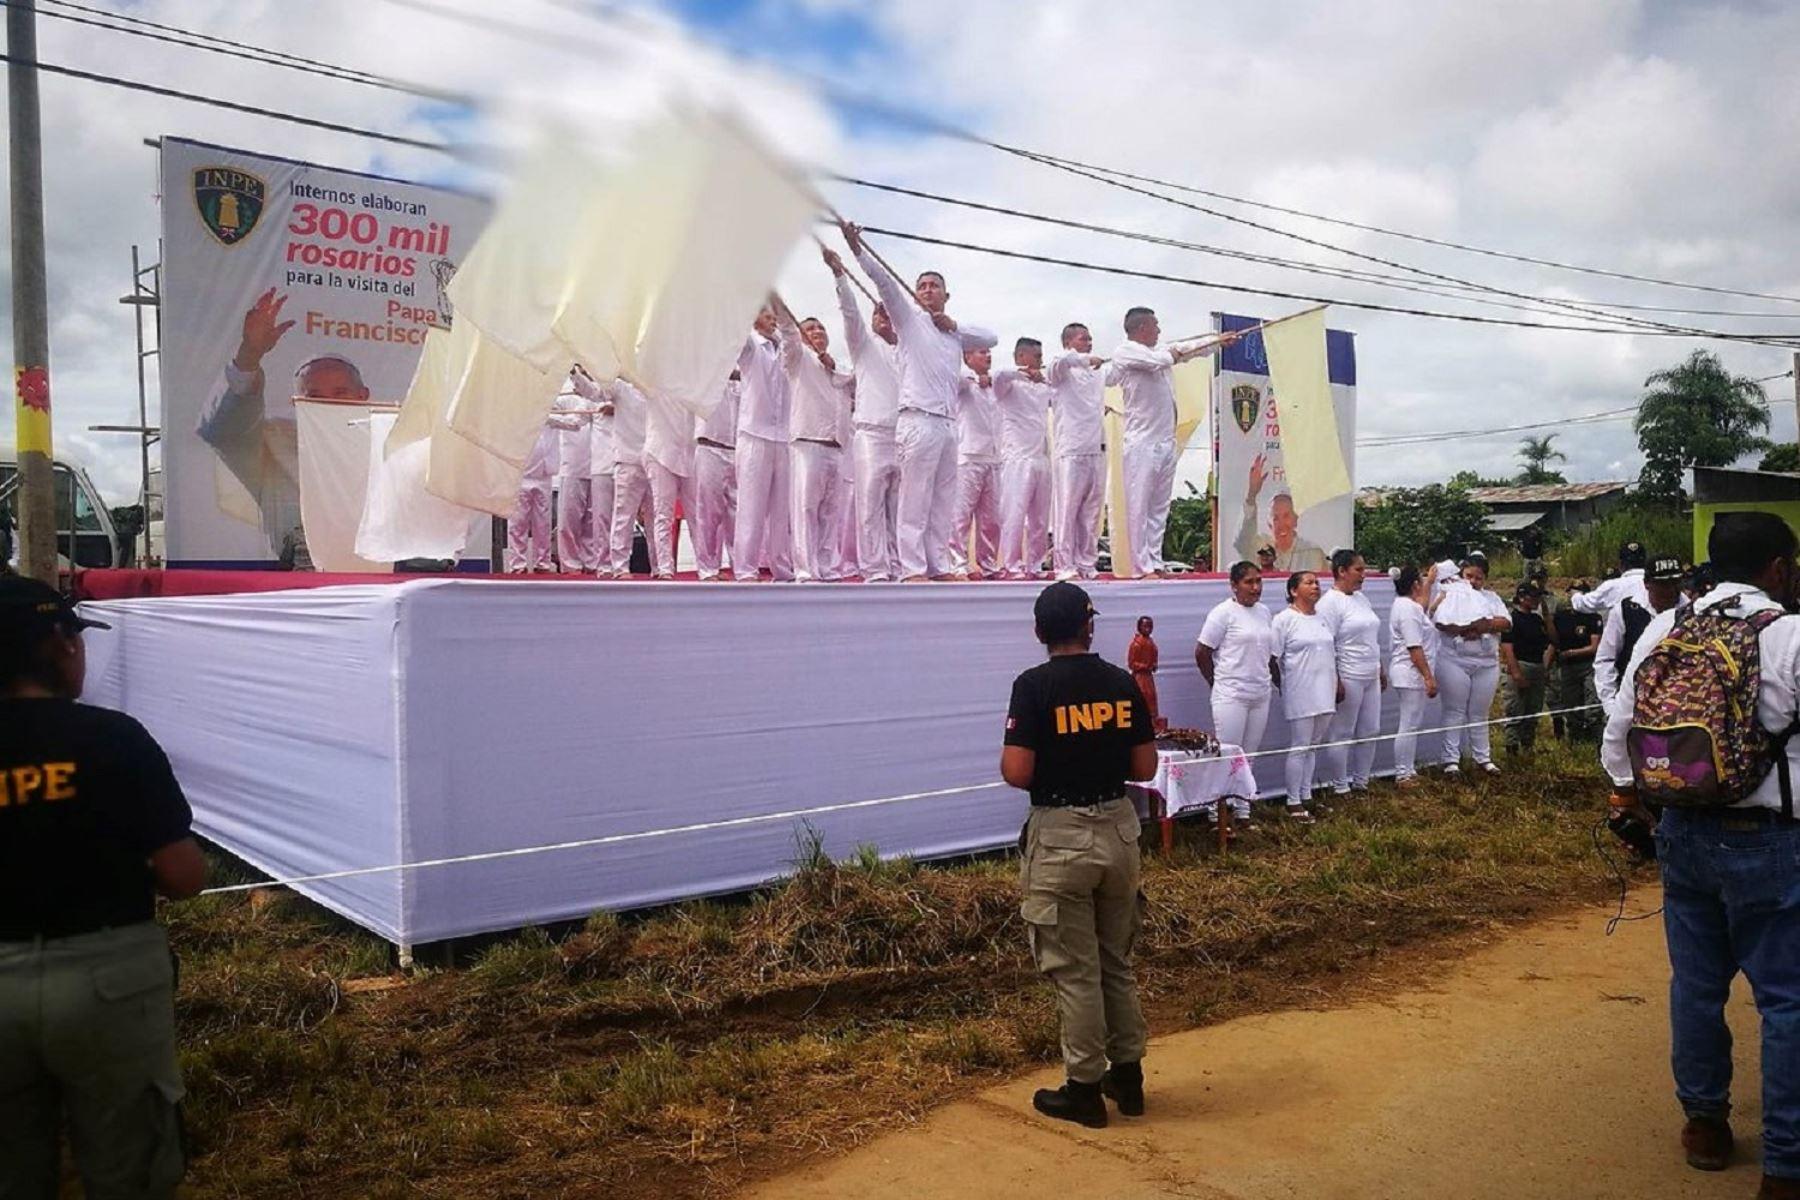 Internos del penal de Puerto Maldonado saludan llegada del Papa Francisco. ANDINA